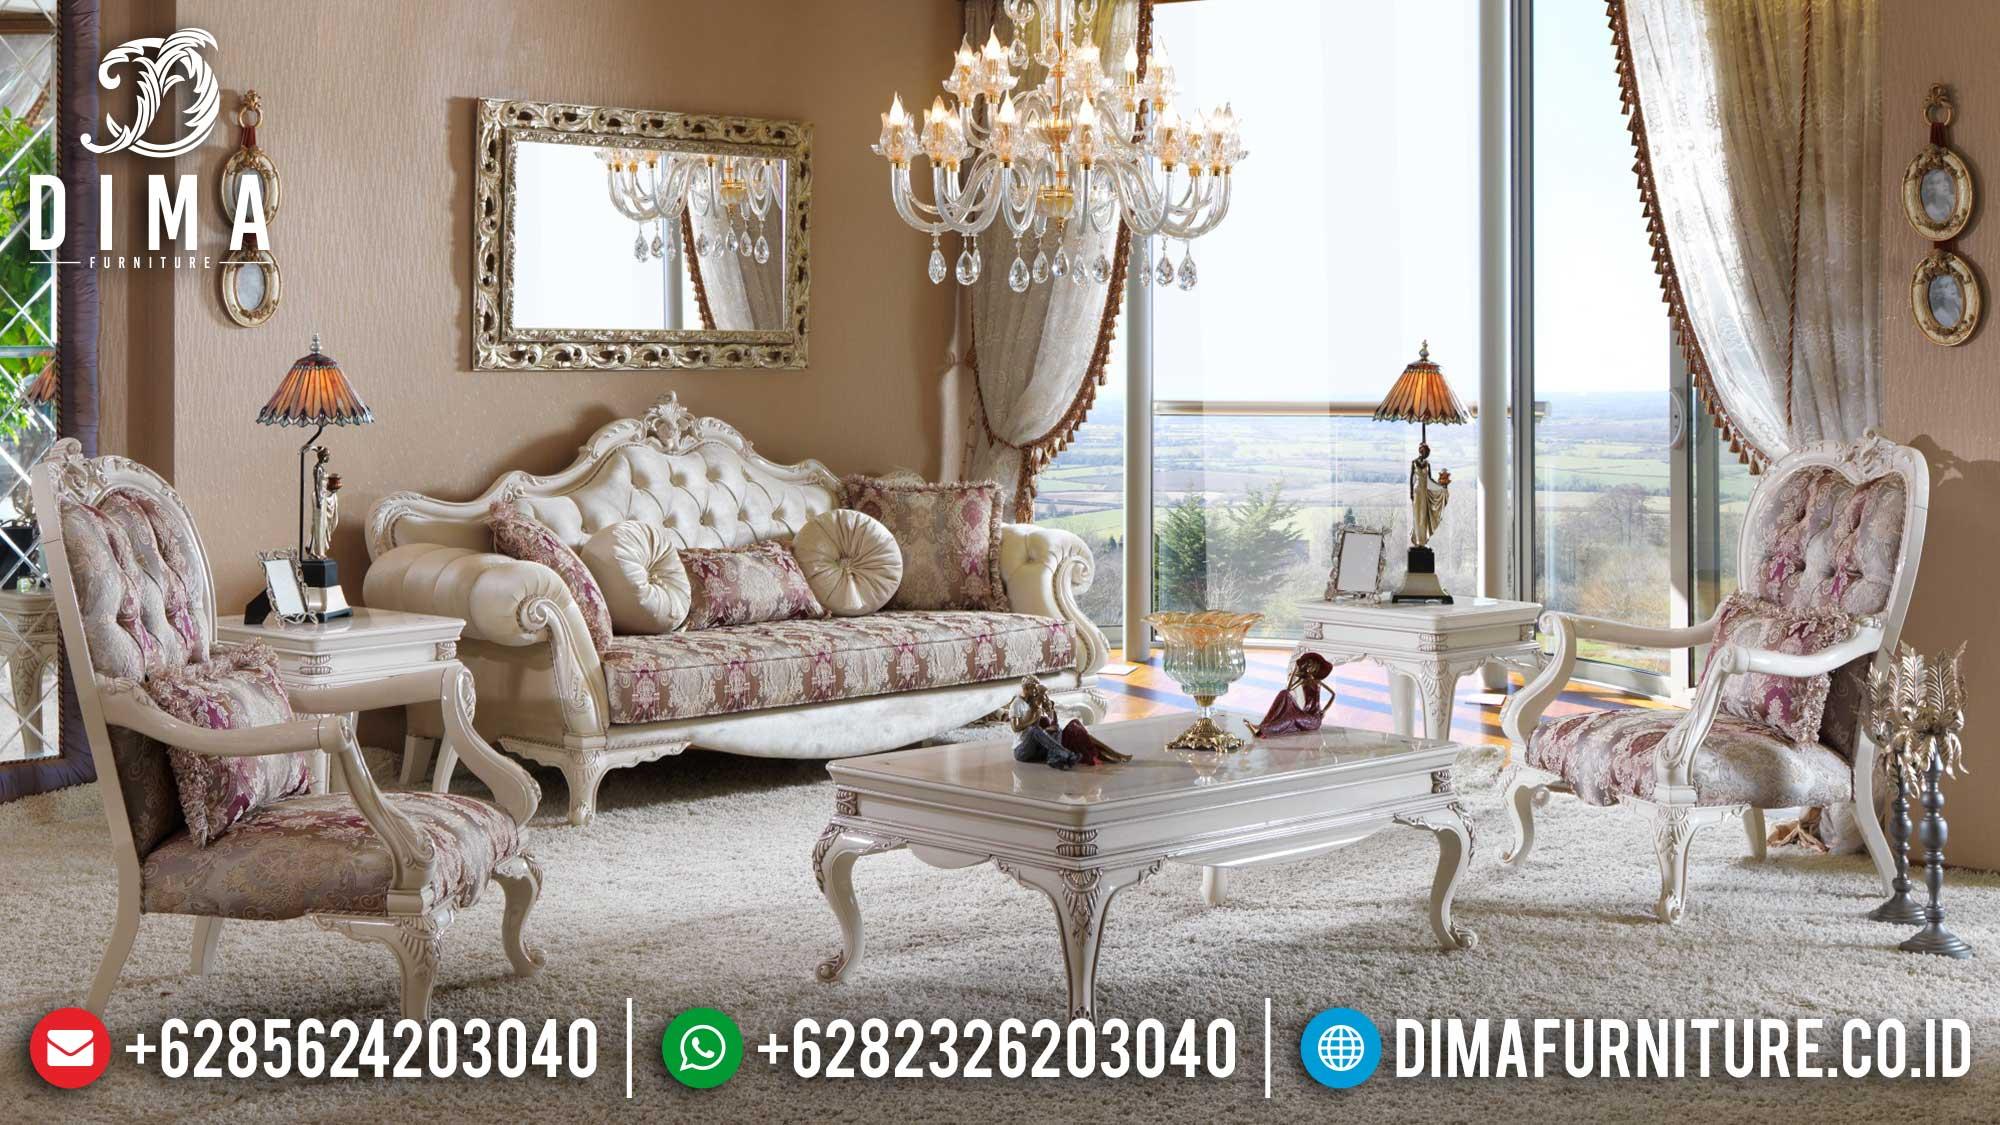 Harga Sofa Tamu Ukir Jepara Mewah New Luxury Design TTJ-1514